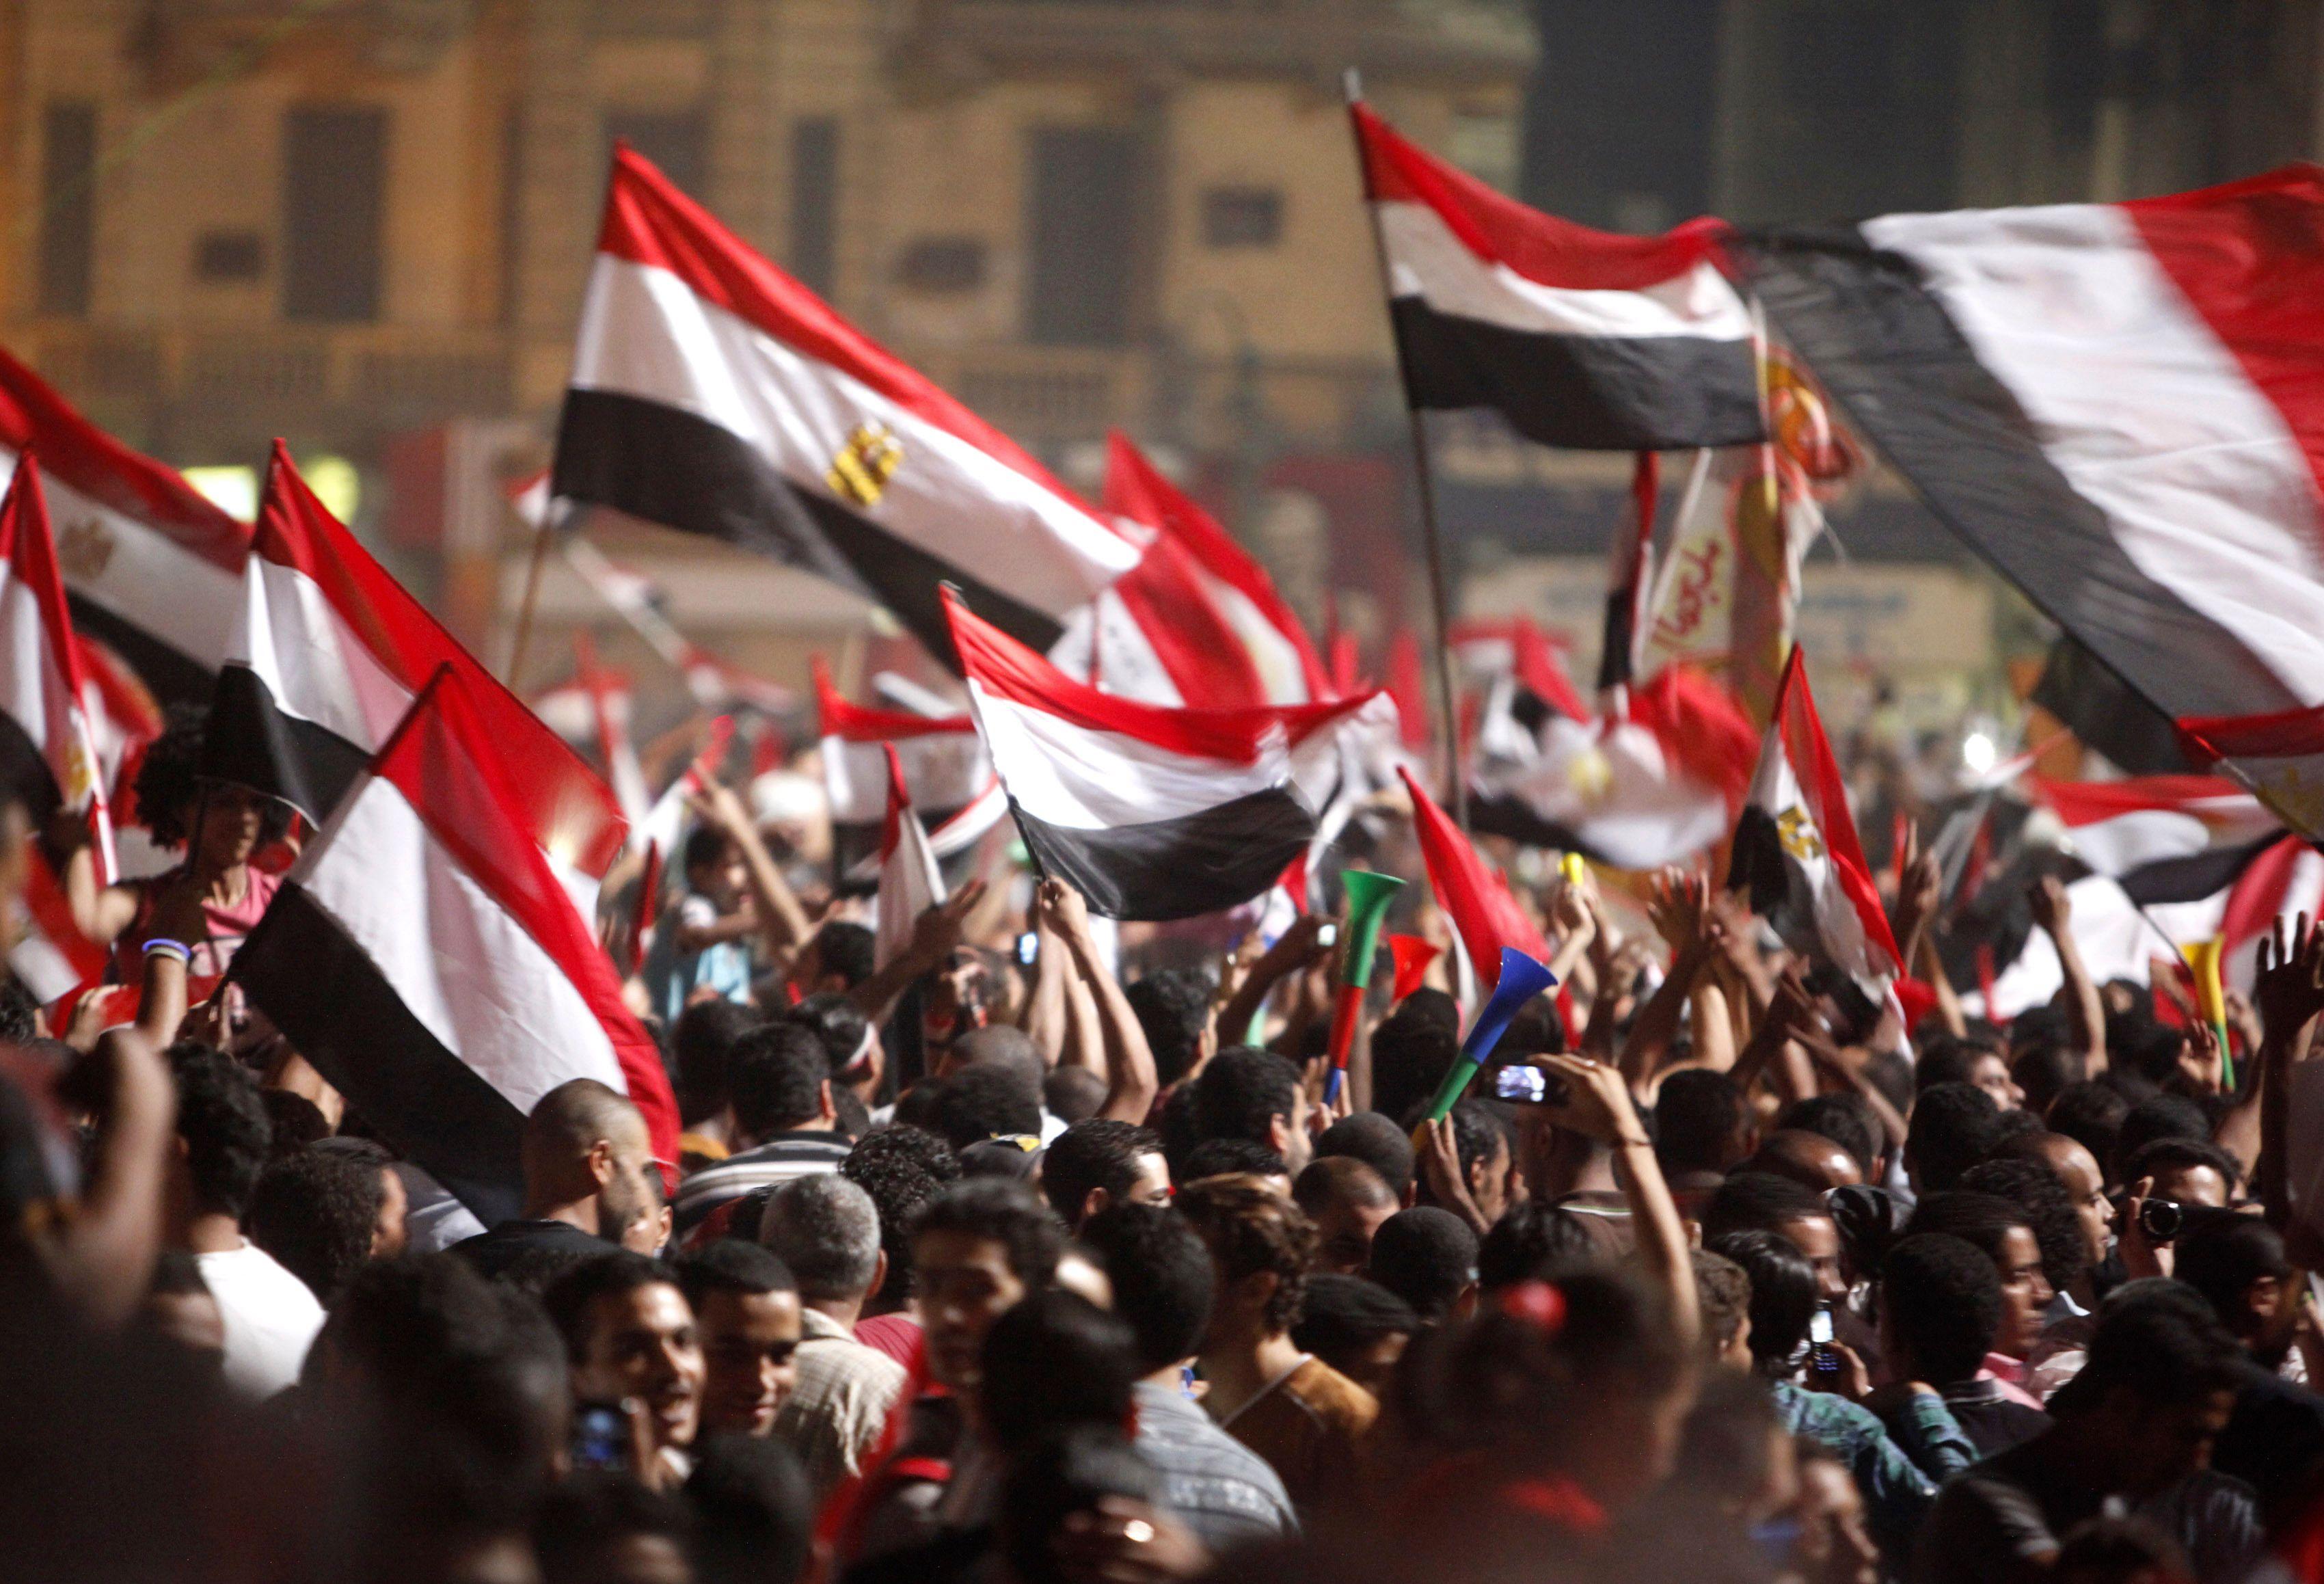 L'Union européenne se réunit ce mercredi pour discuter de la situation égyptienne